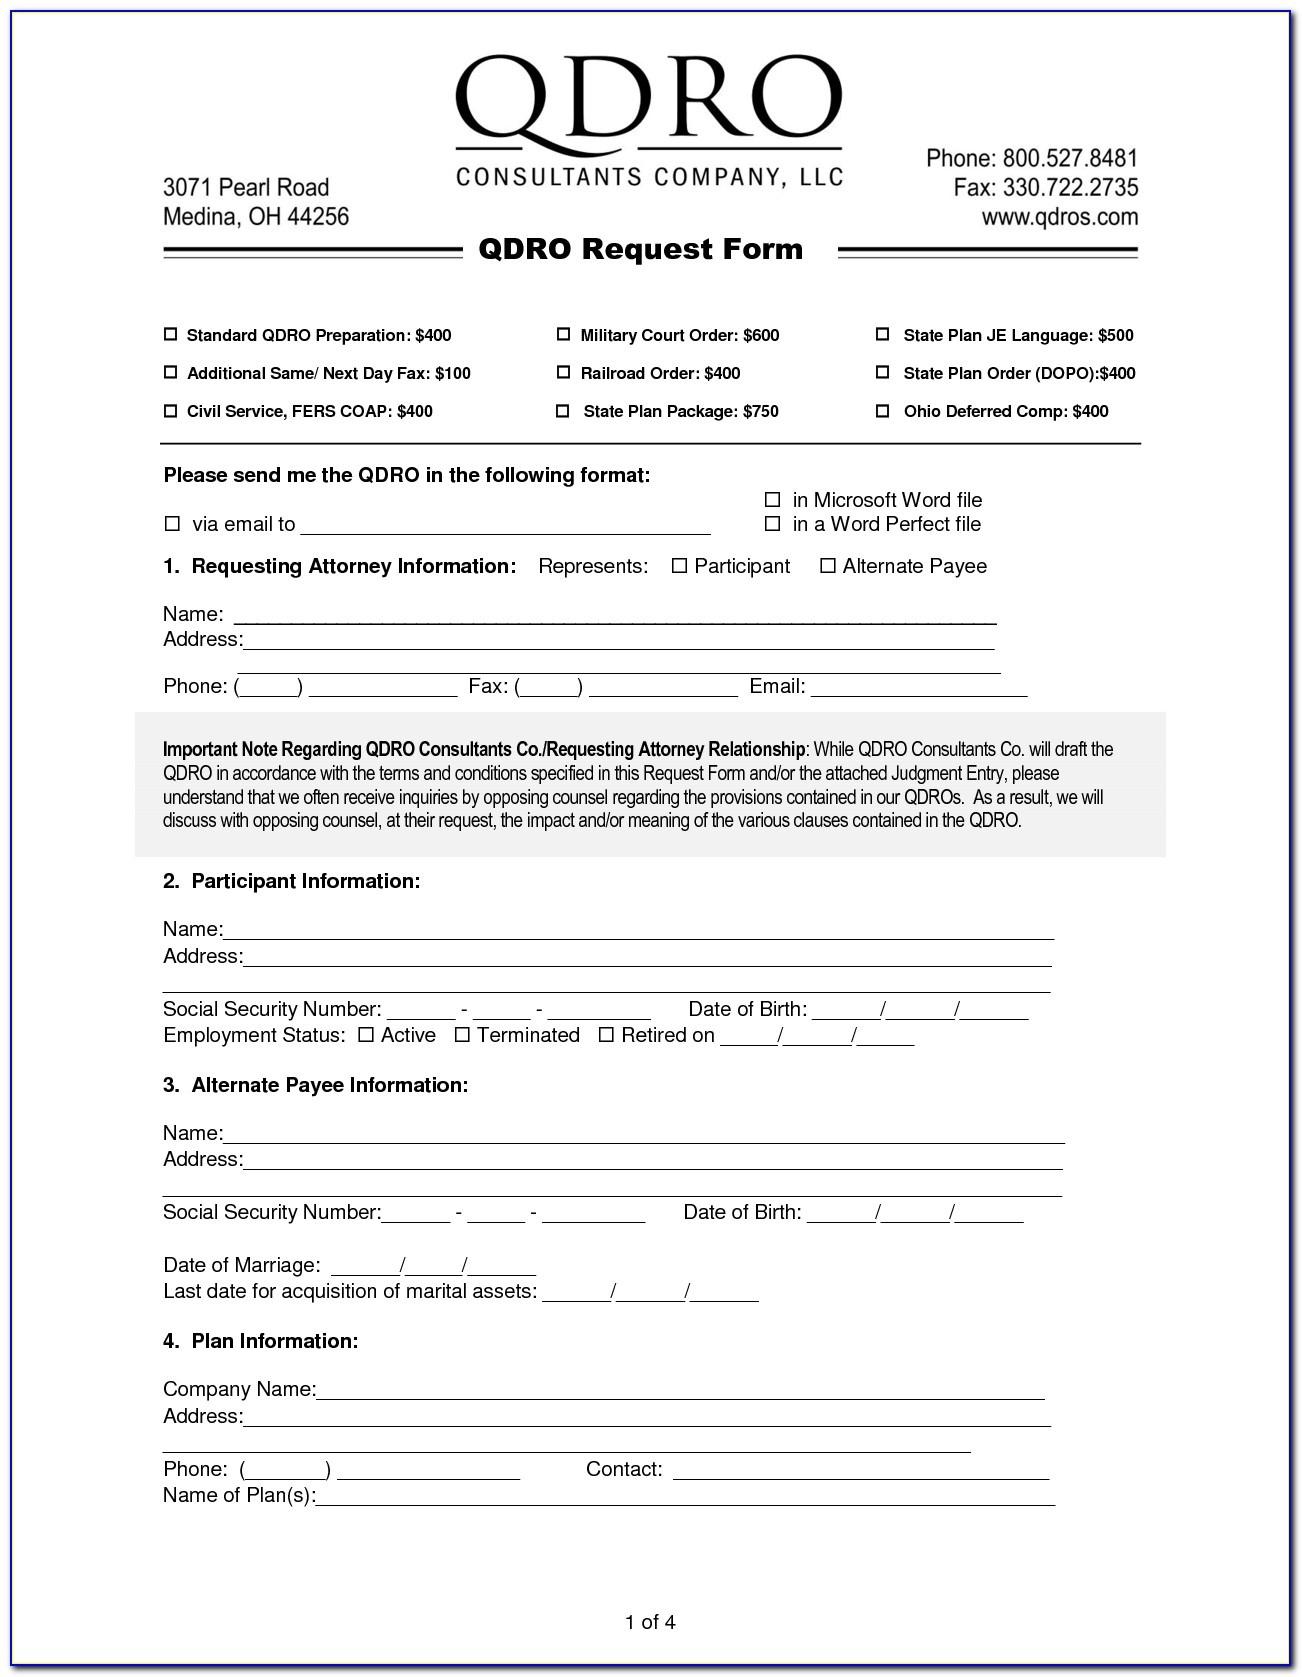 Qdro Form Free - Form : Resume Examples #kwle7Ezm9N - Free Printable Qdro Forms